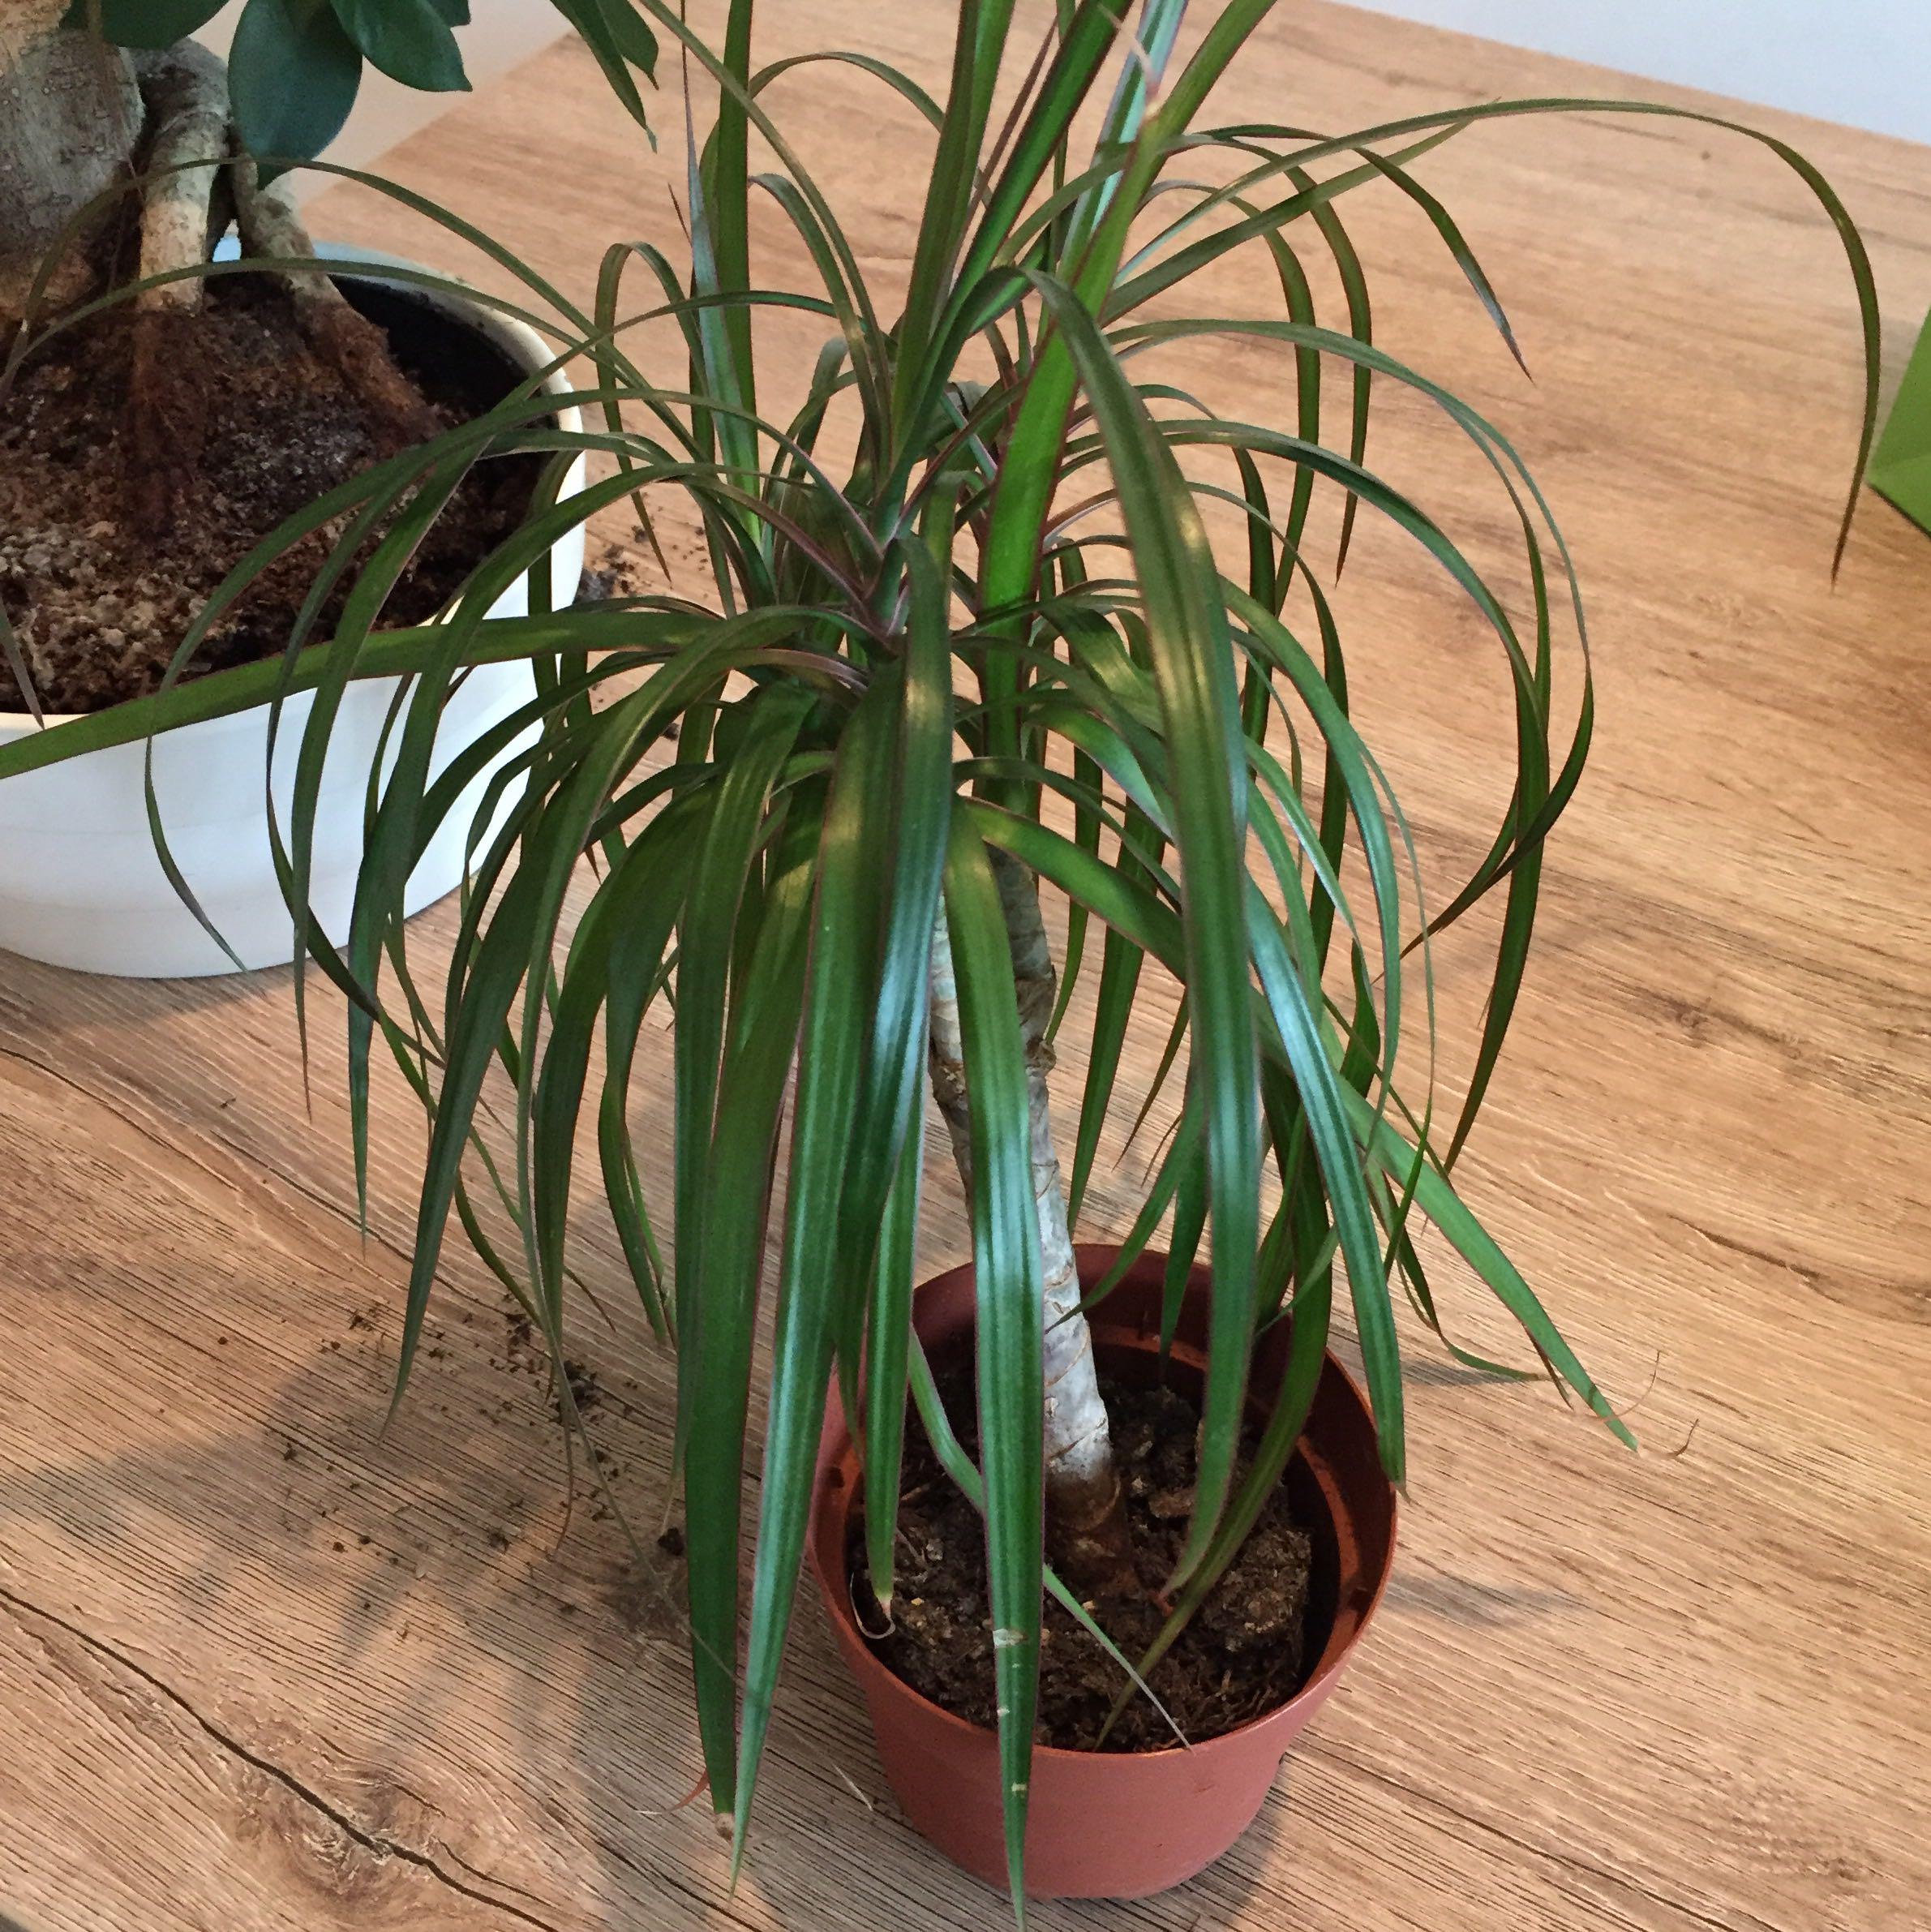 Dracena und bonsai pflanzen zimmerpflanzen drachenbaum for Bonsai pflanzen